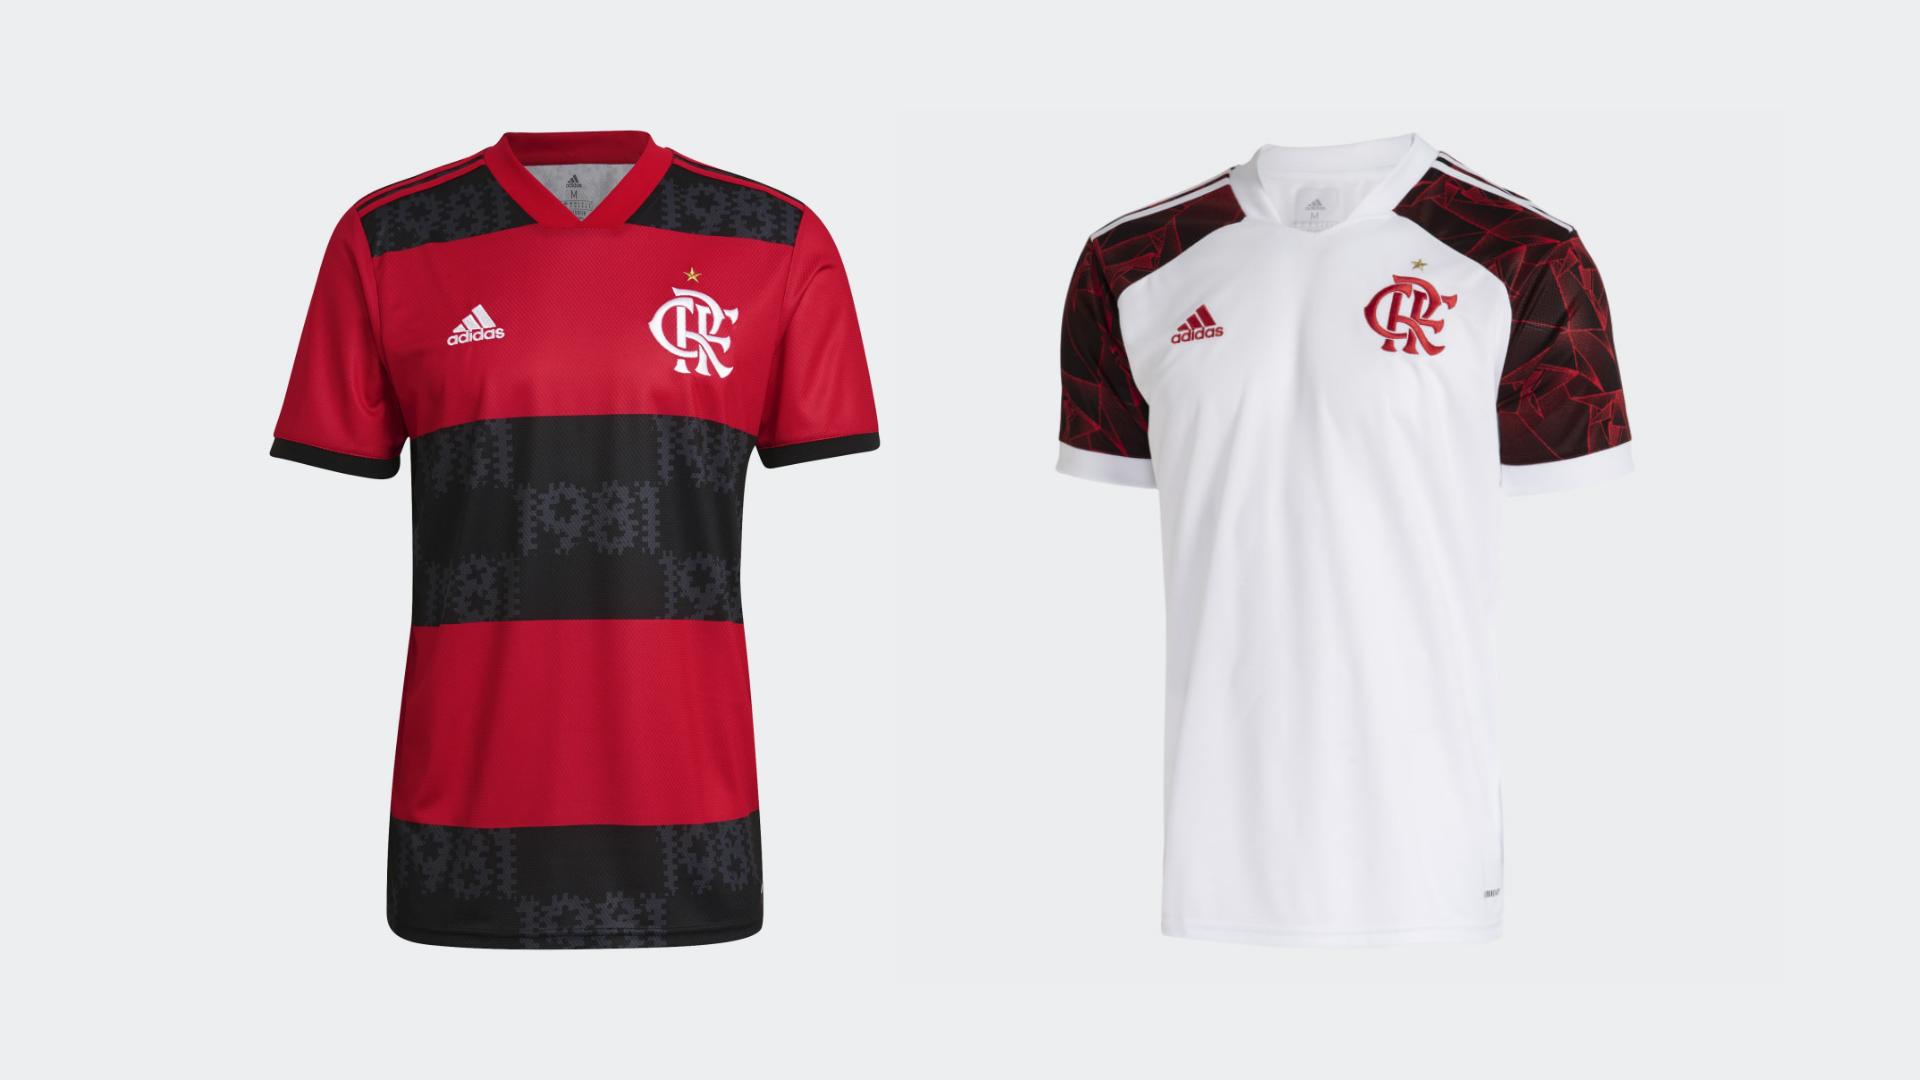 Camisa do Flamengo 2021 (Imagem: Divulgação/Adidas)